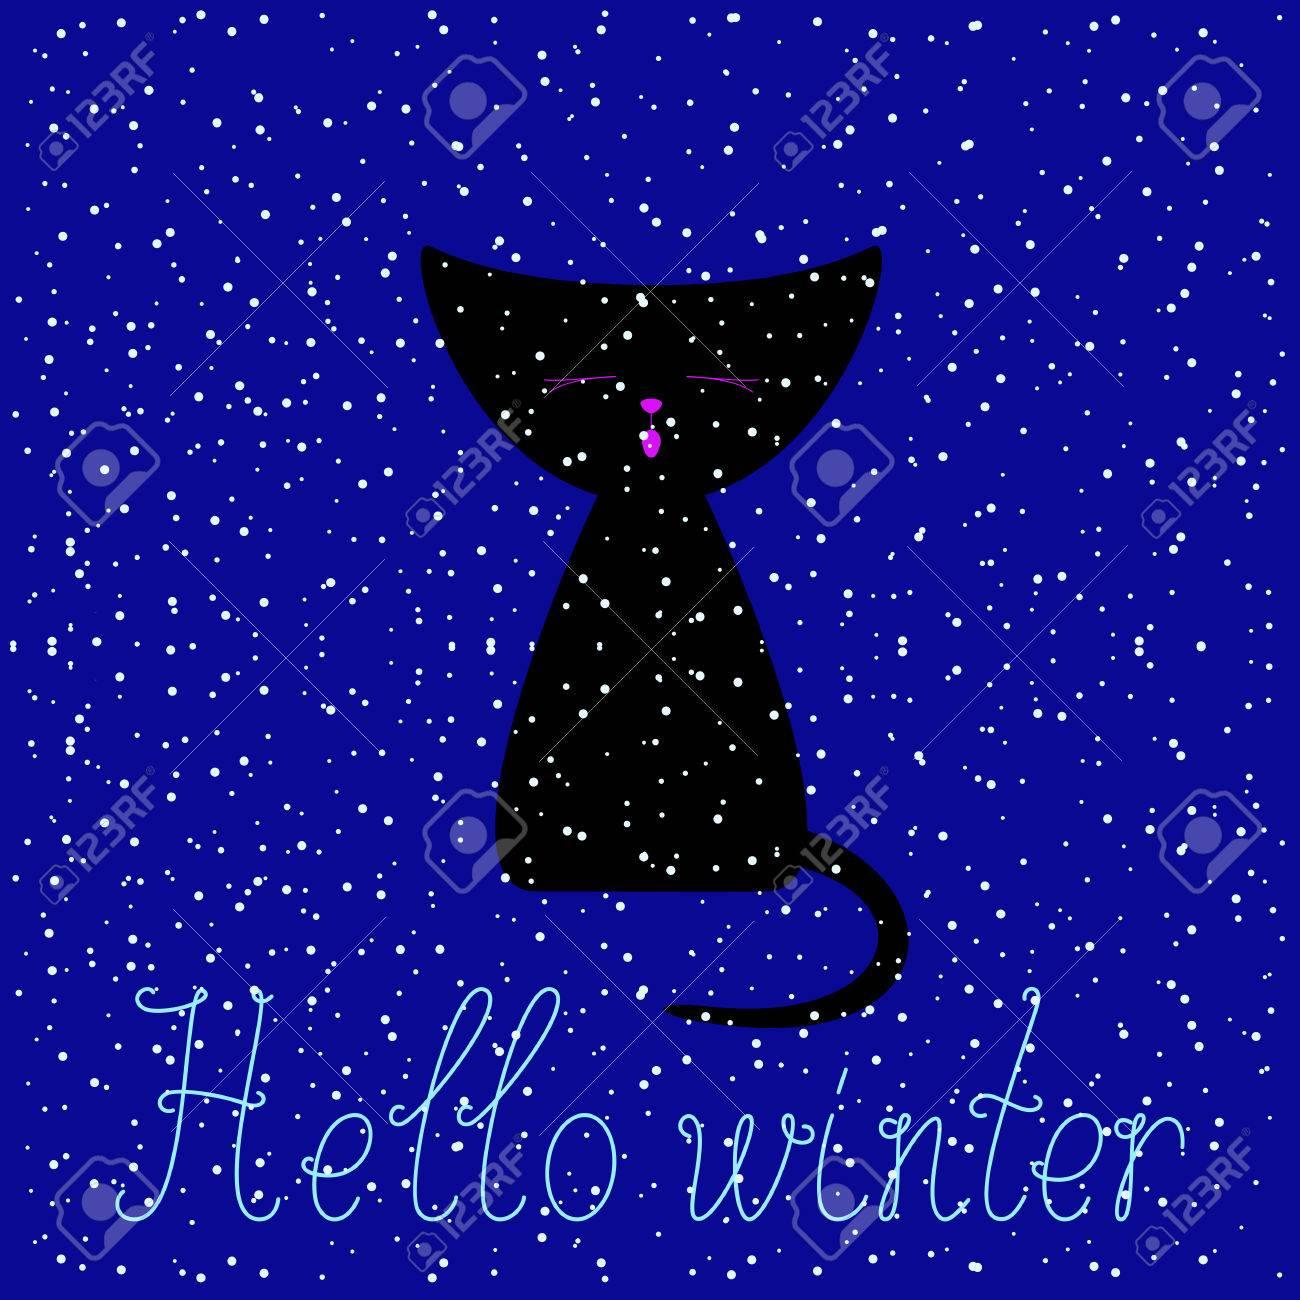 noir mignon chaton de couleur miaulements à fond de couleur bleu